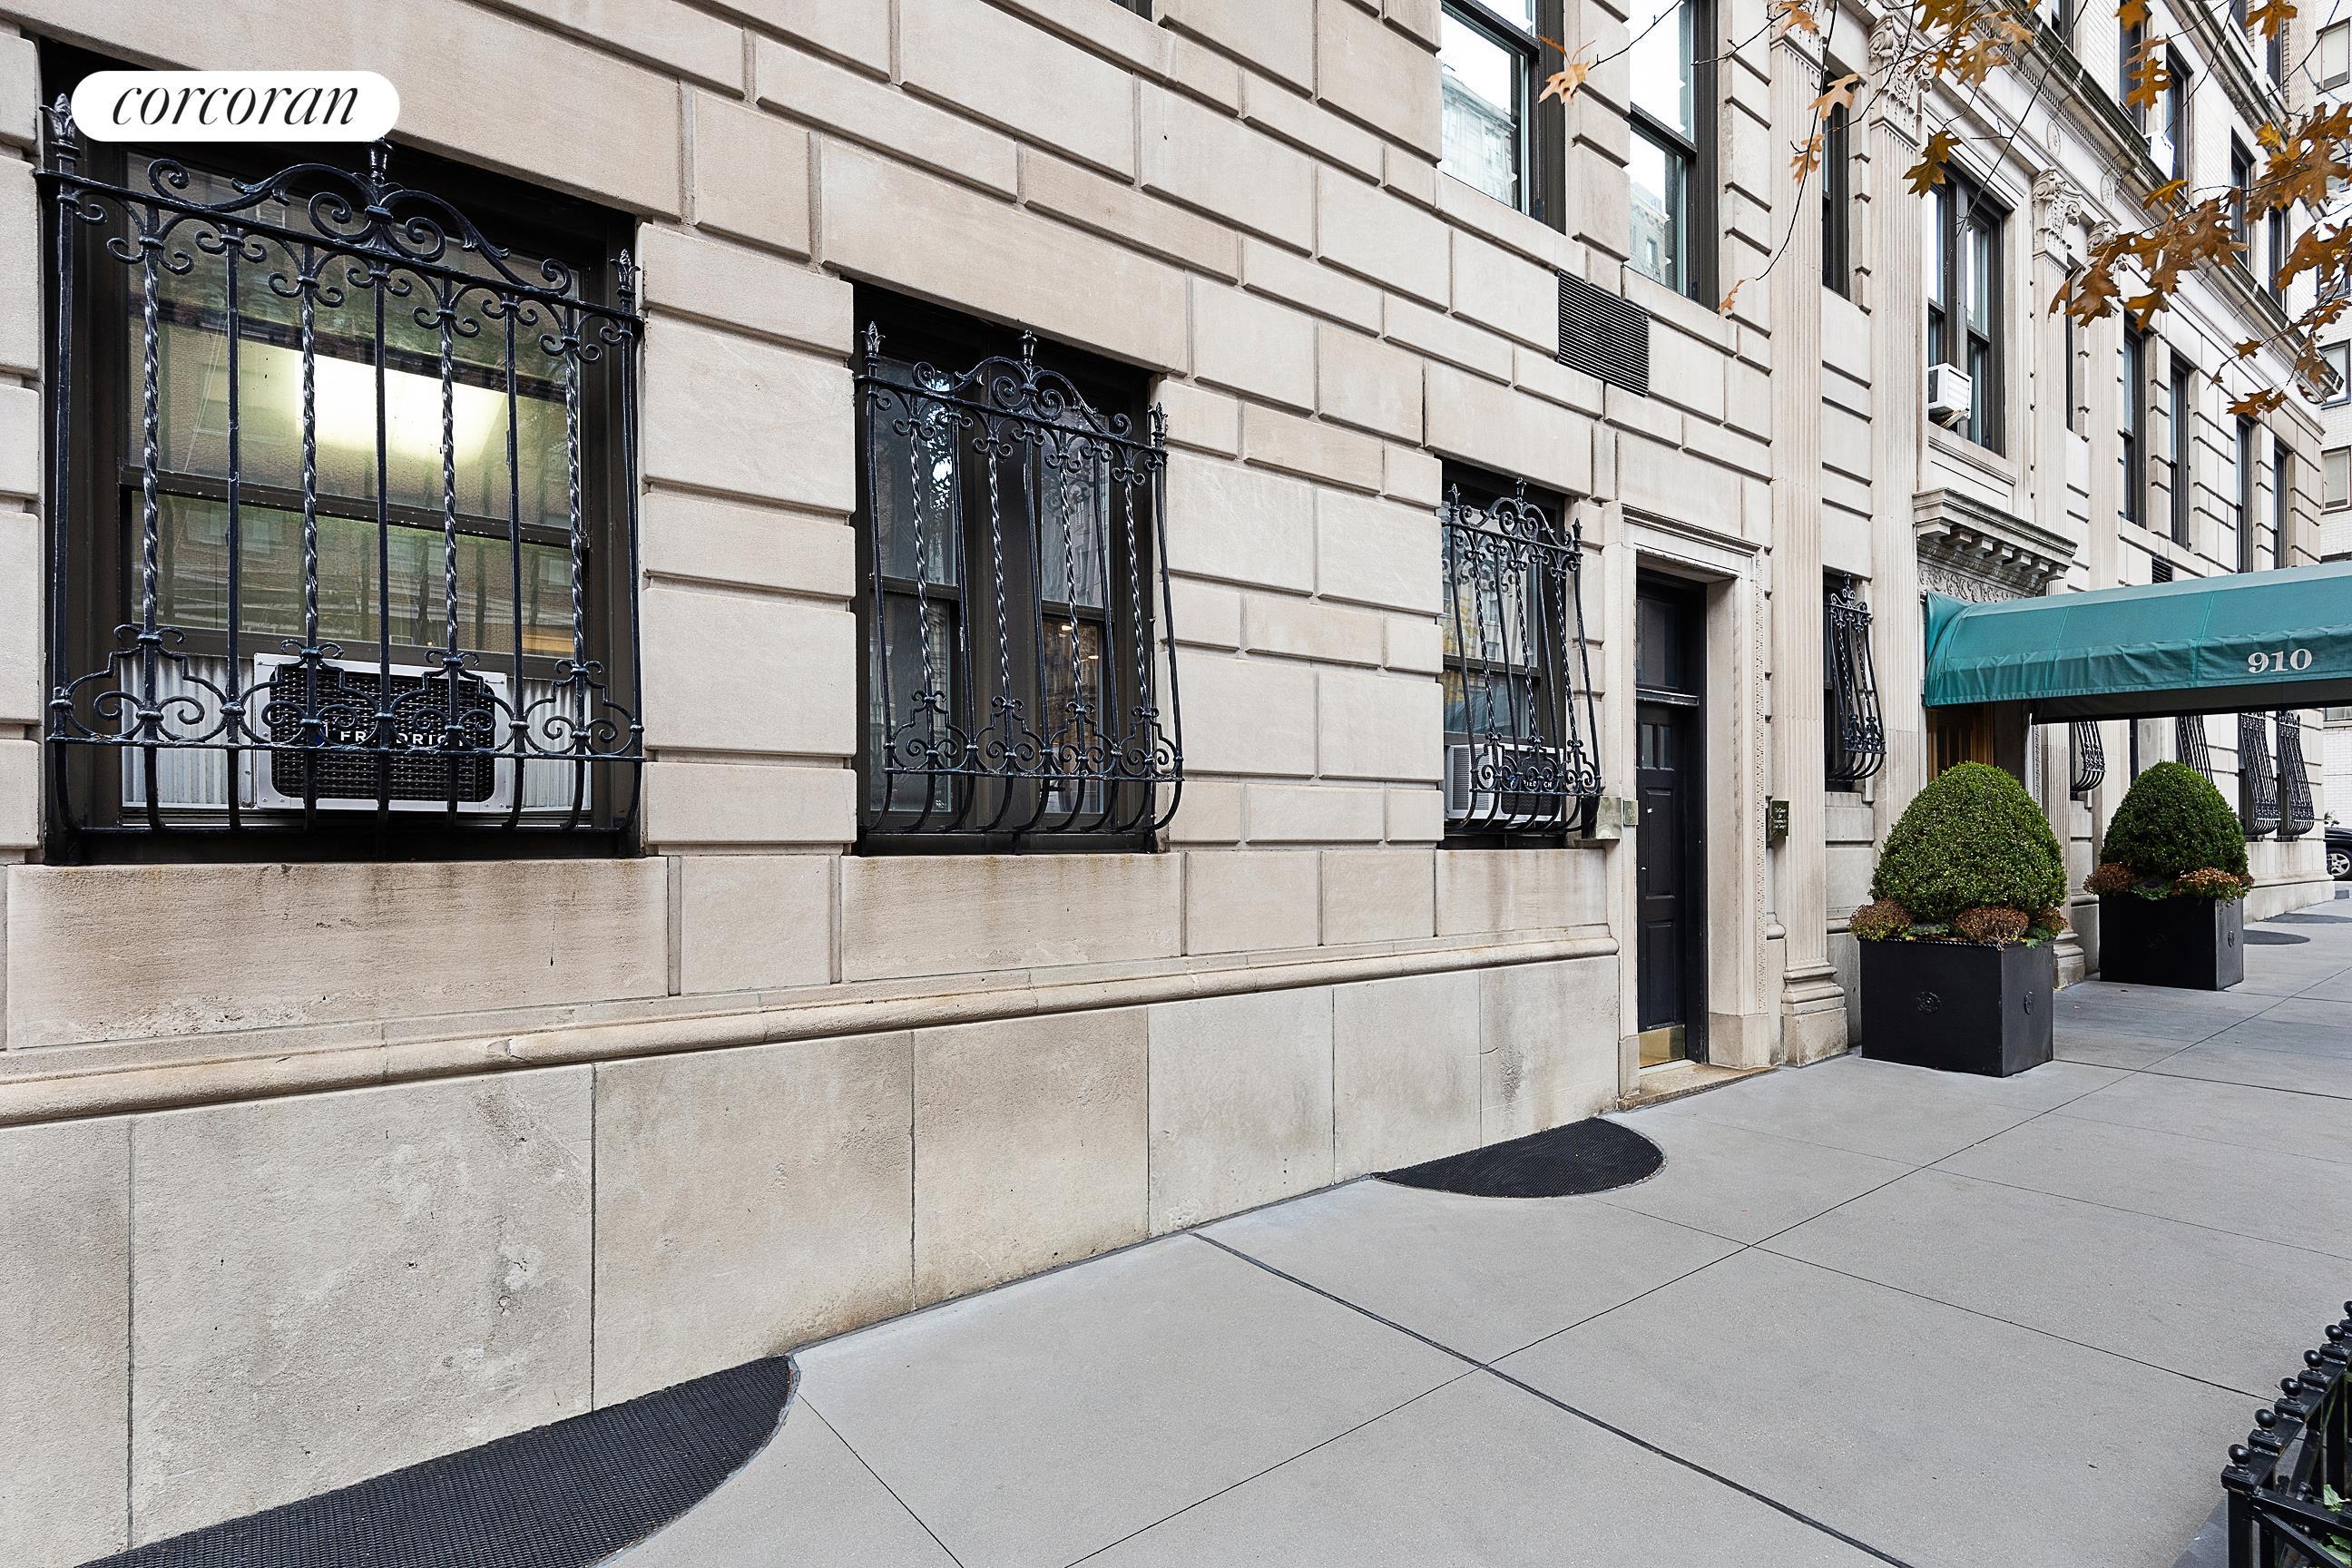 Apartment for sale at 910 Park Avenue, Apt 1S